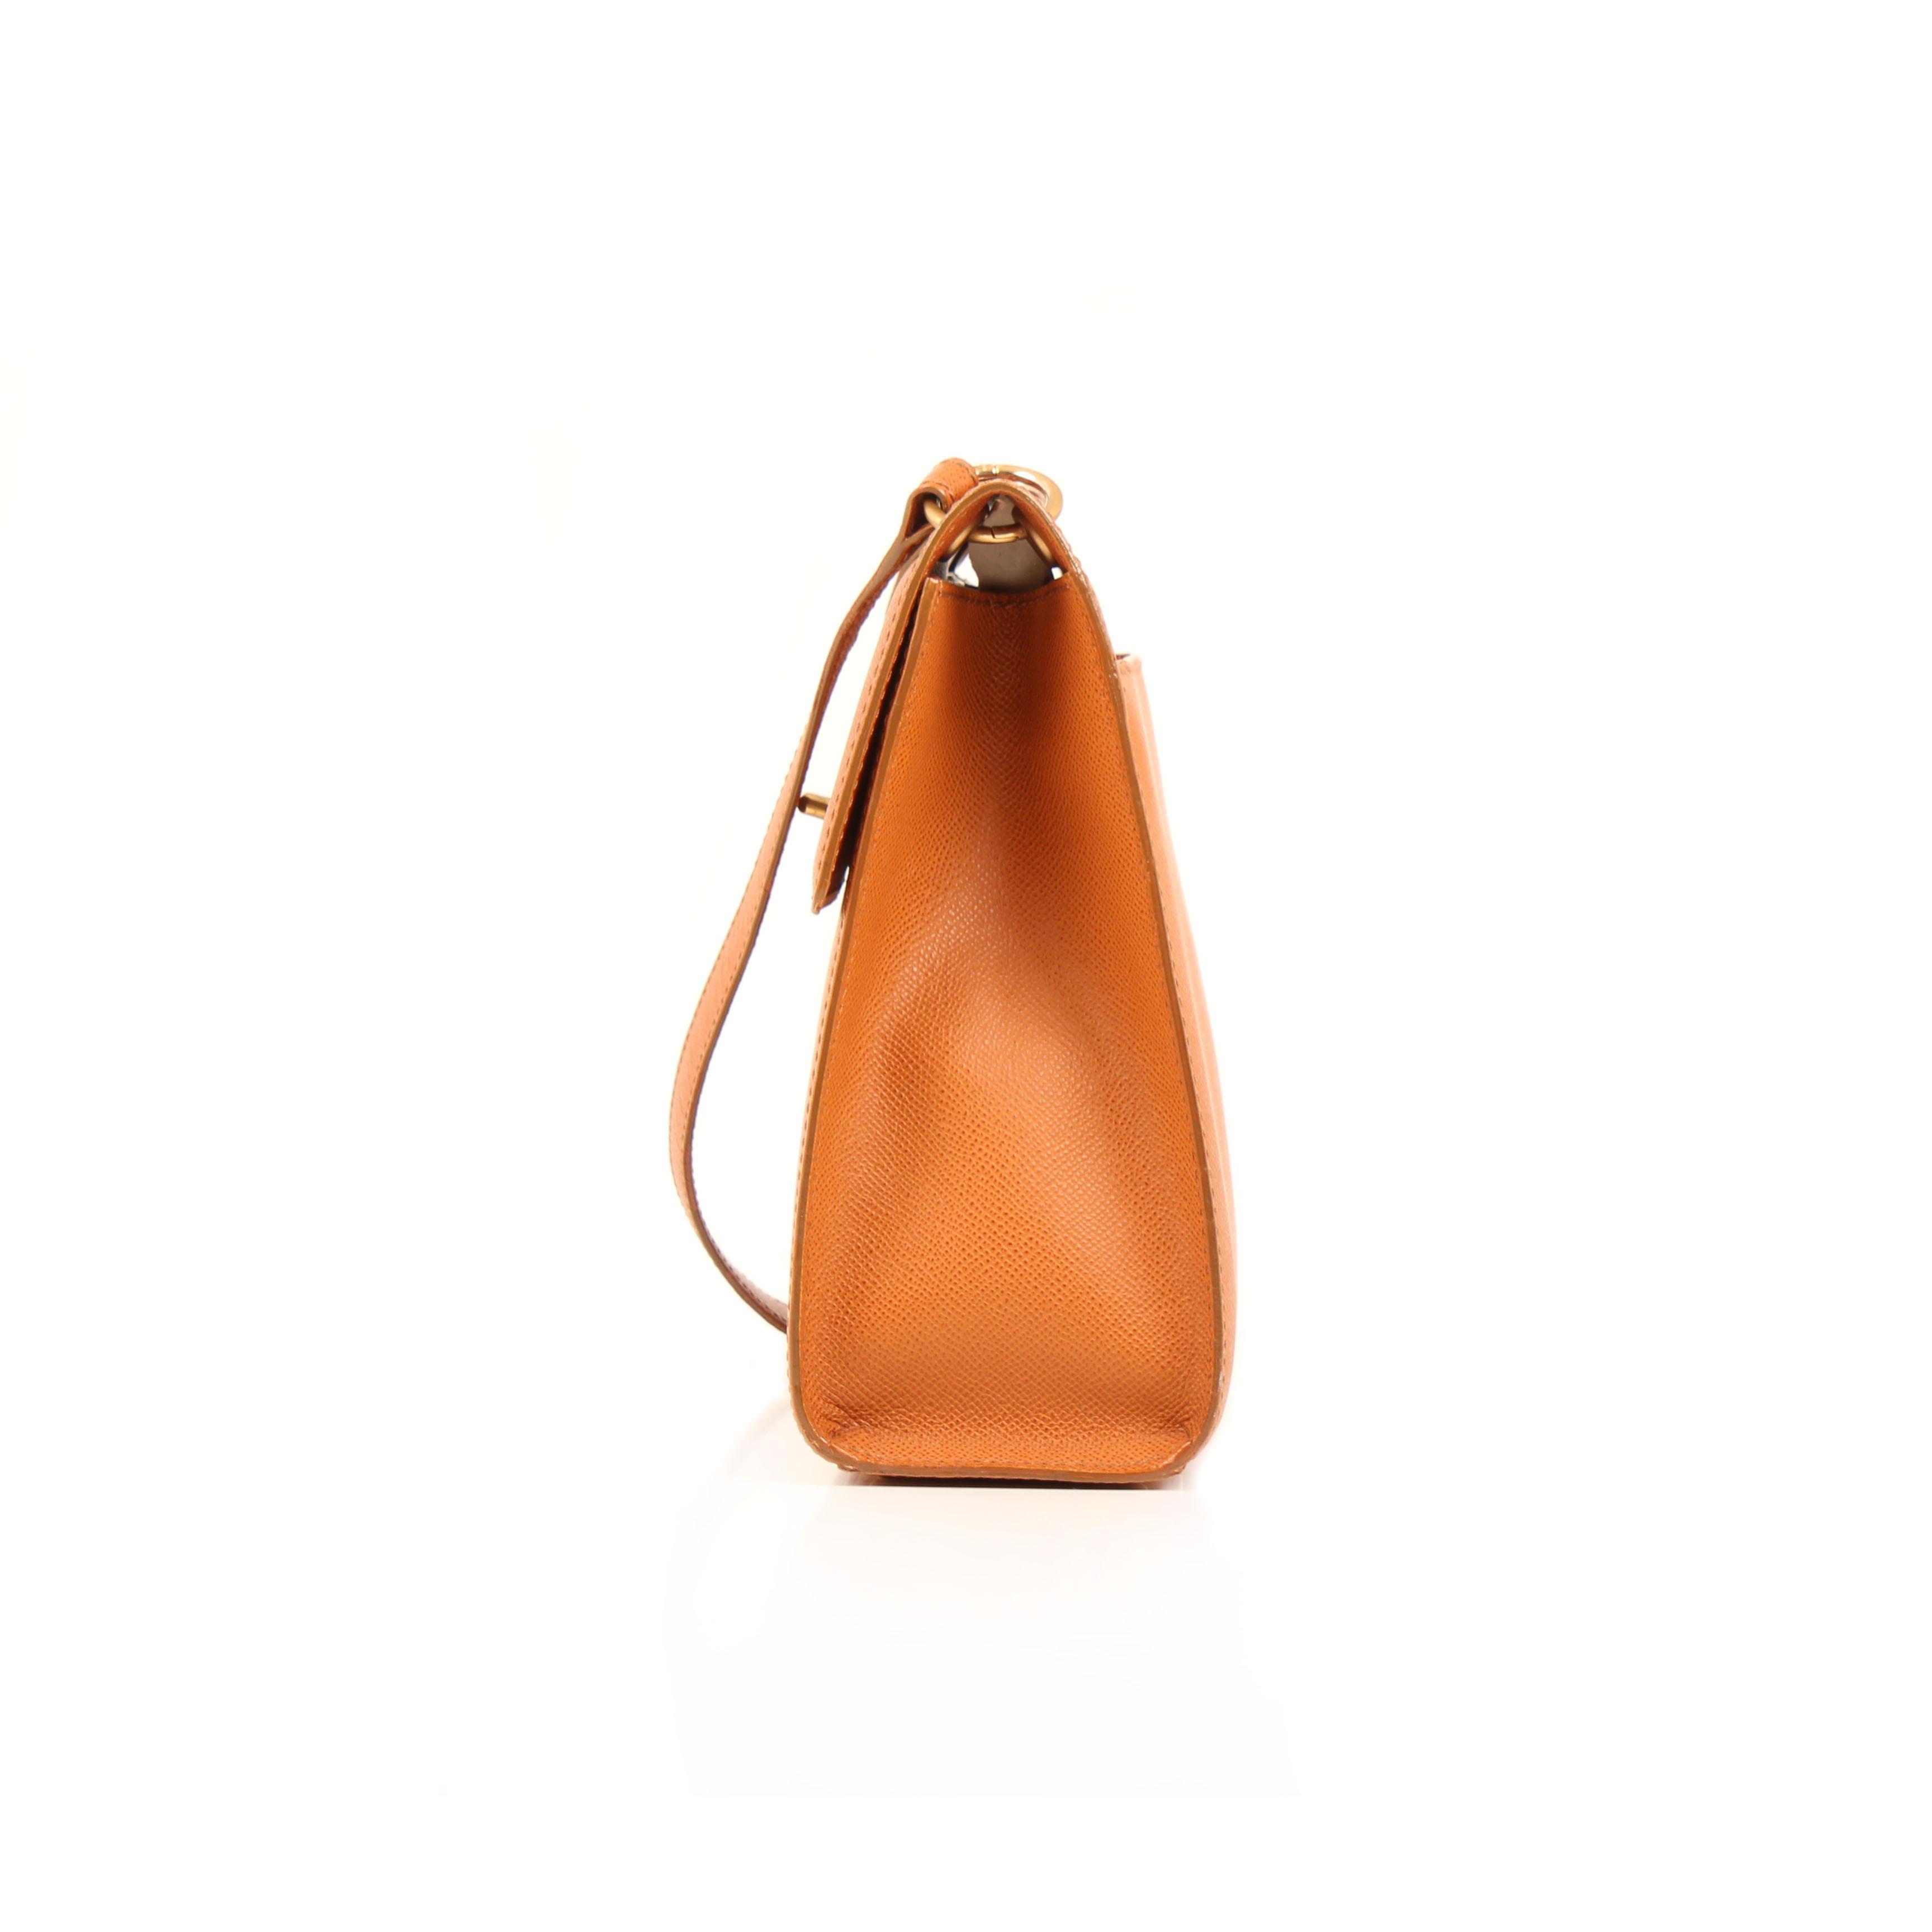 Imagen lateral del bolso chanel vintage piel granulada camel